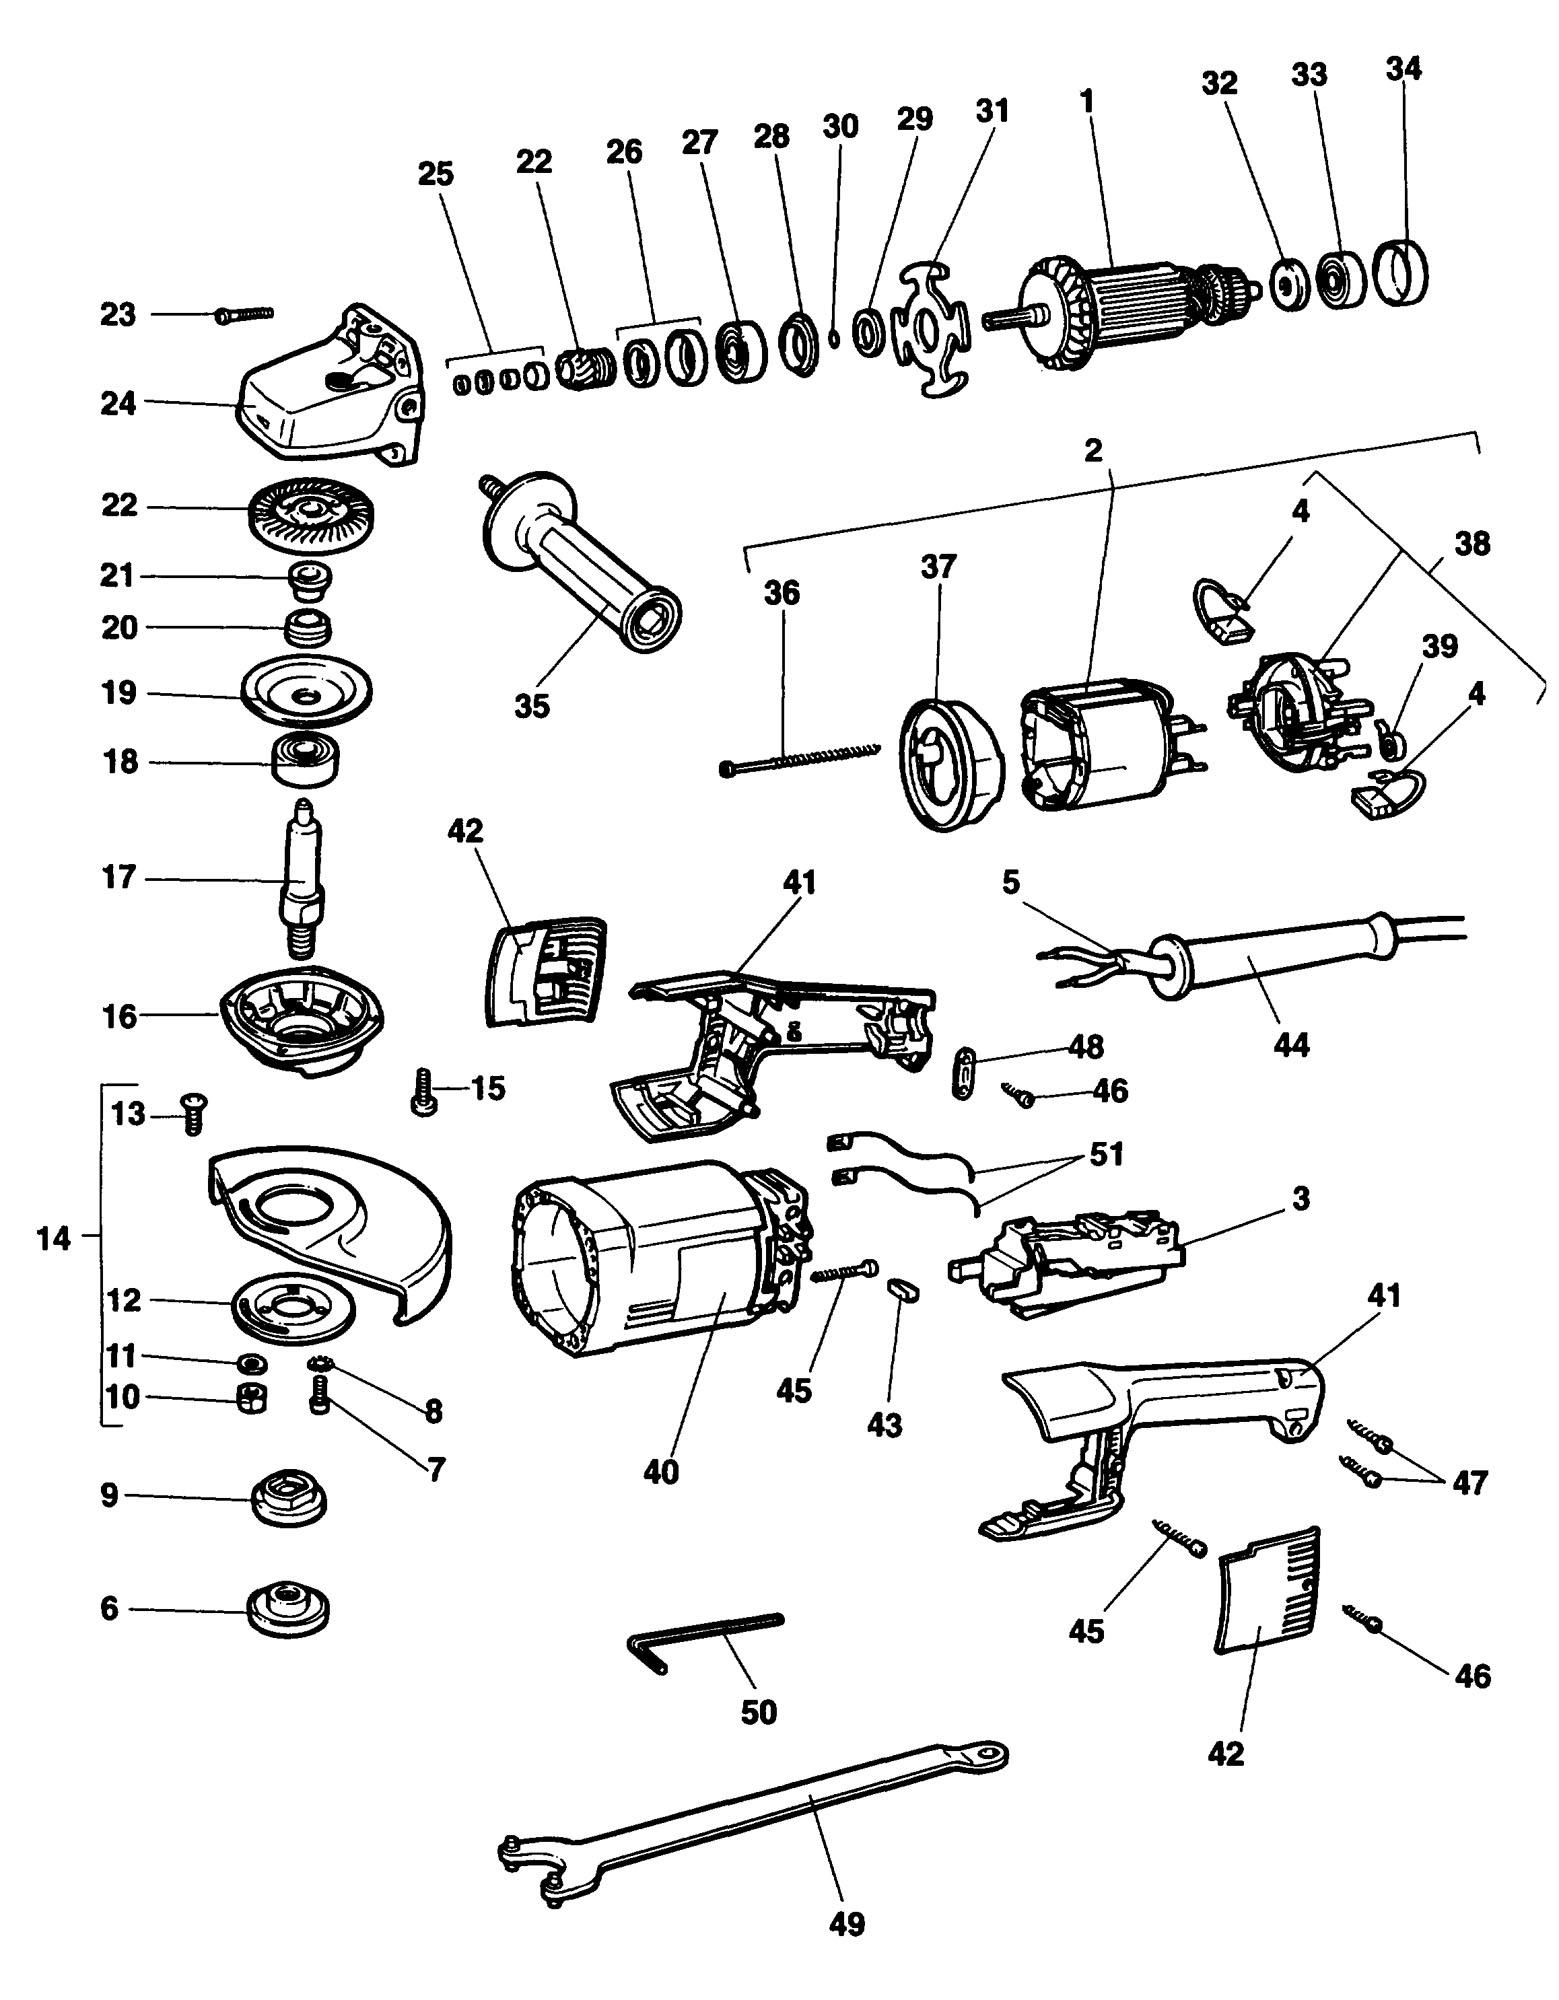 Spares For Dewalt Dw852 Angle Grinder Type 1 Spare Dw852